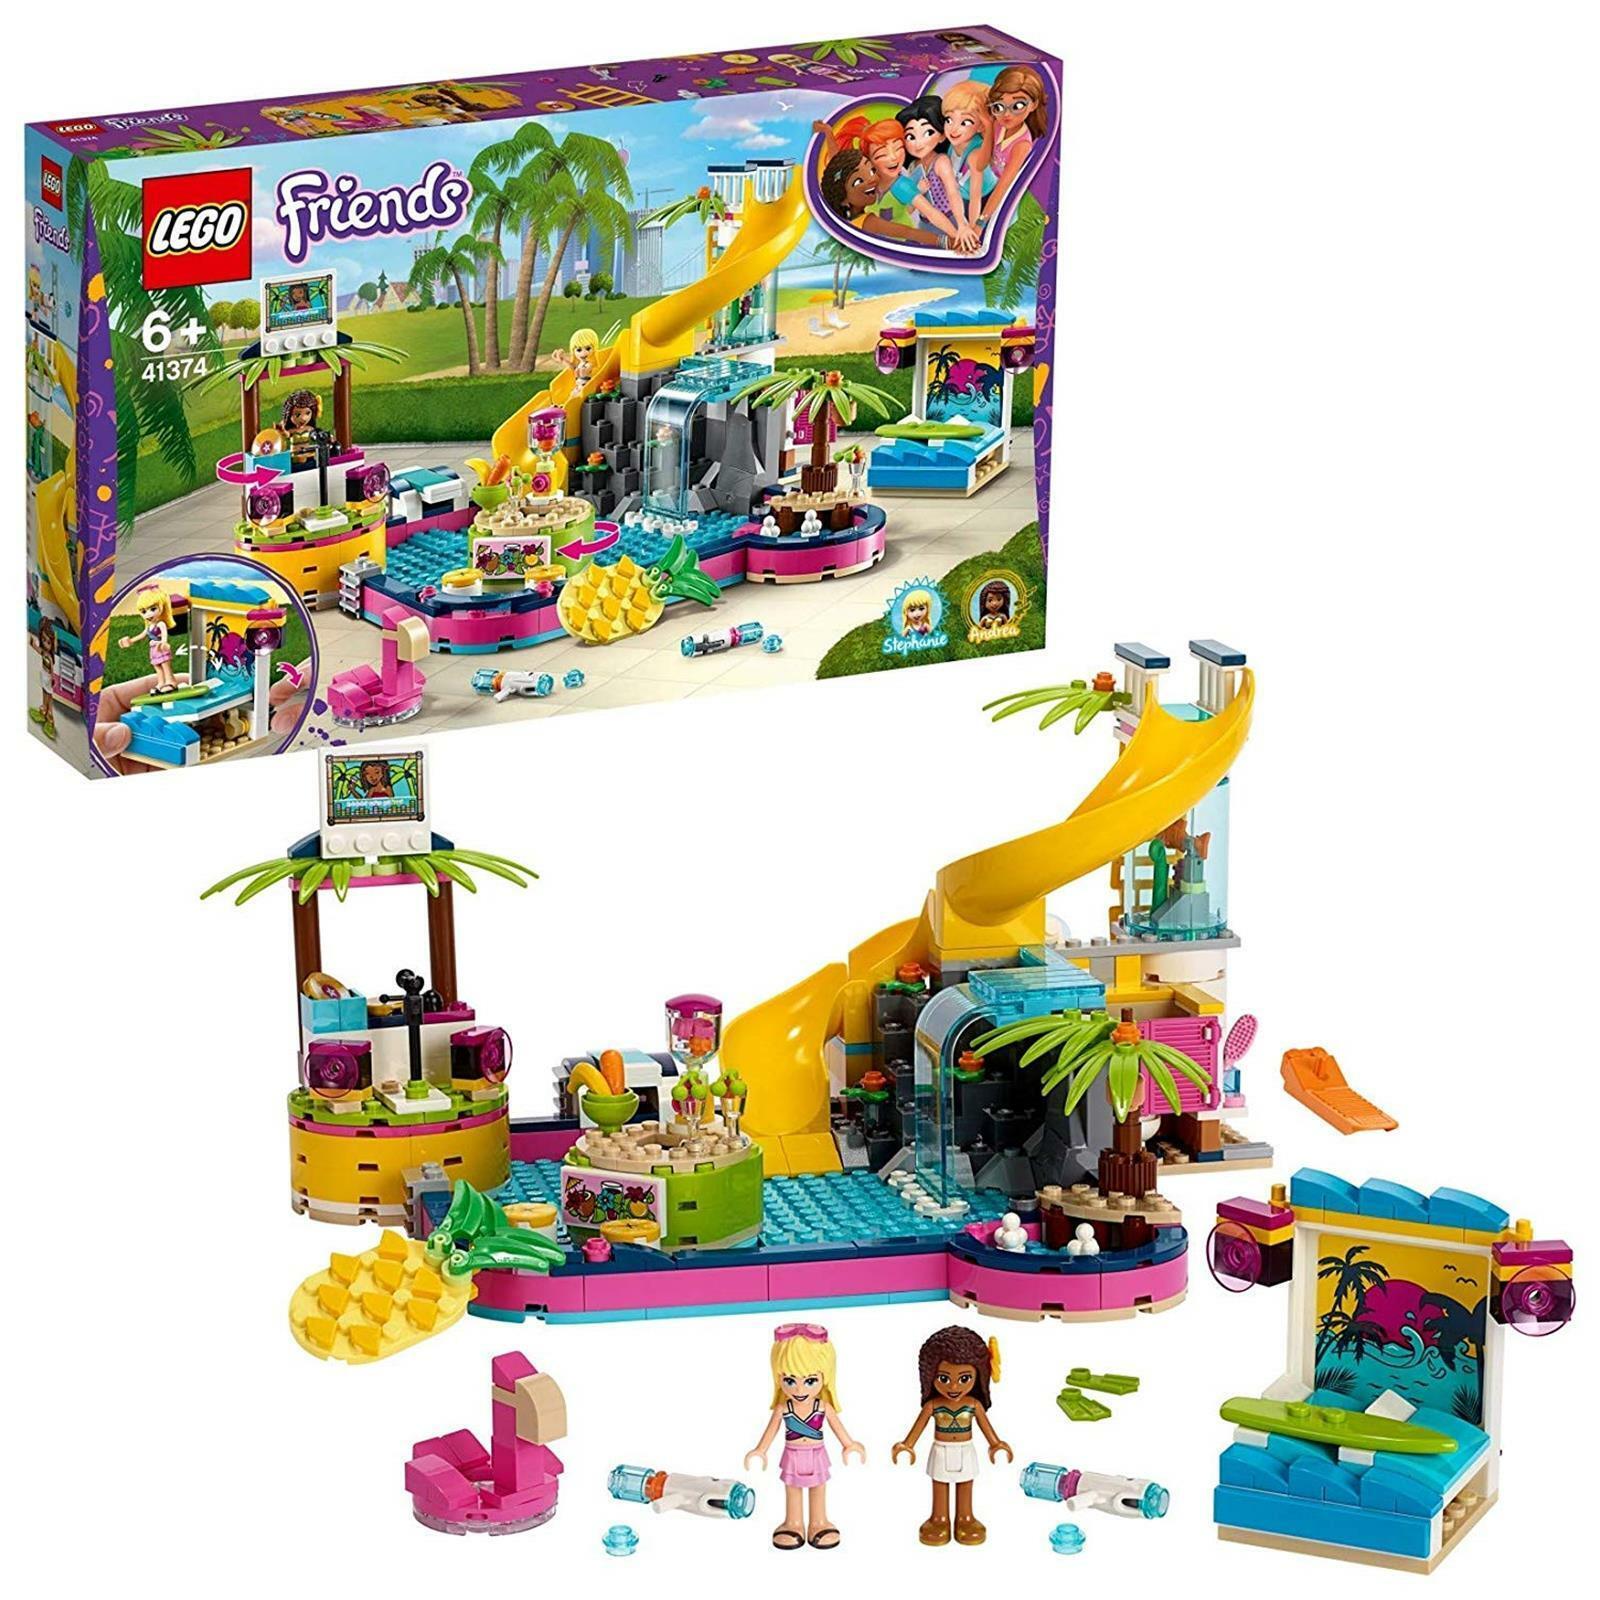 grande sconto Lego Lego Lego Friends 41374 La festa in piscina di erea  garanzia di qualità